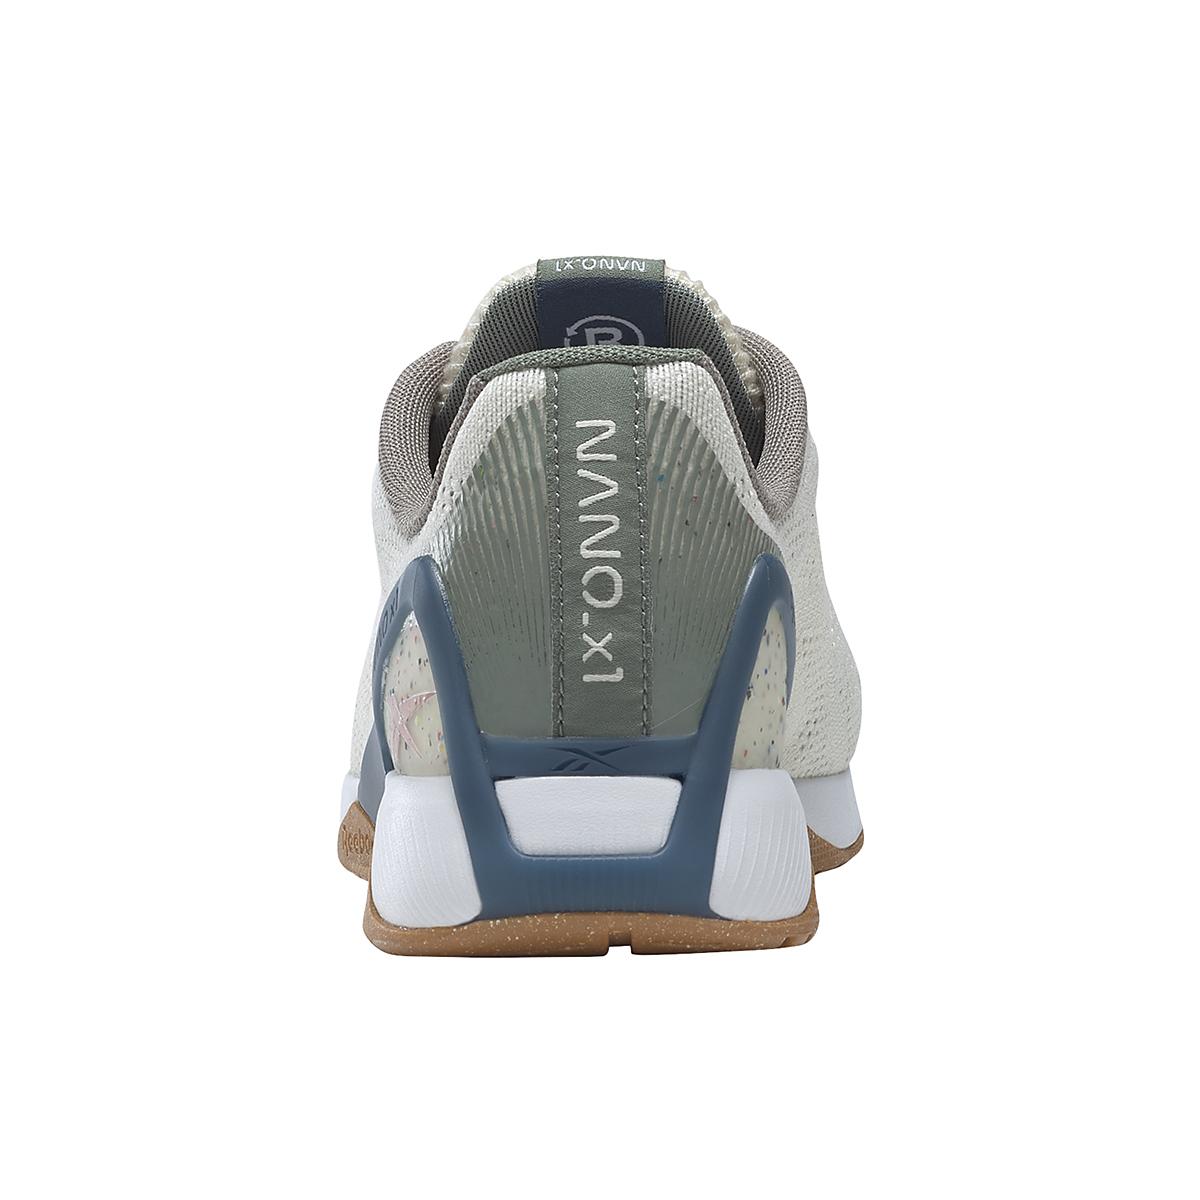 Men's Reebok Nano X1 Vegan Training Shoe - Color: Classic White/Harmony Green/Brave Blue - Size: 7.5 - Width: Regular, Classic White/Harmony Green/Brave Blue, large, image 6